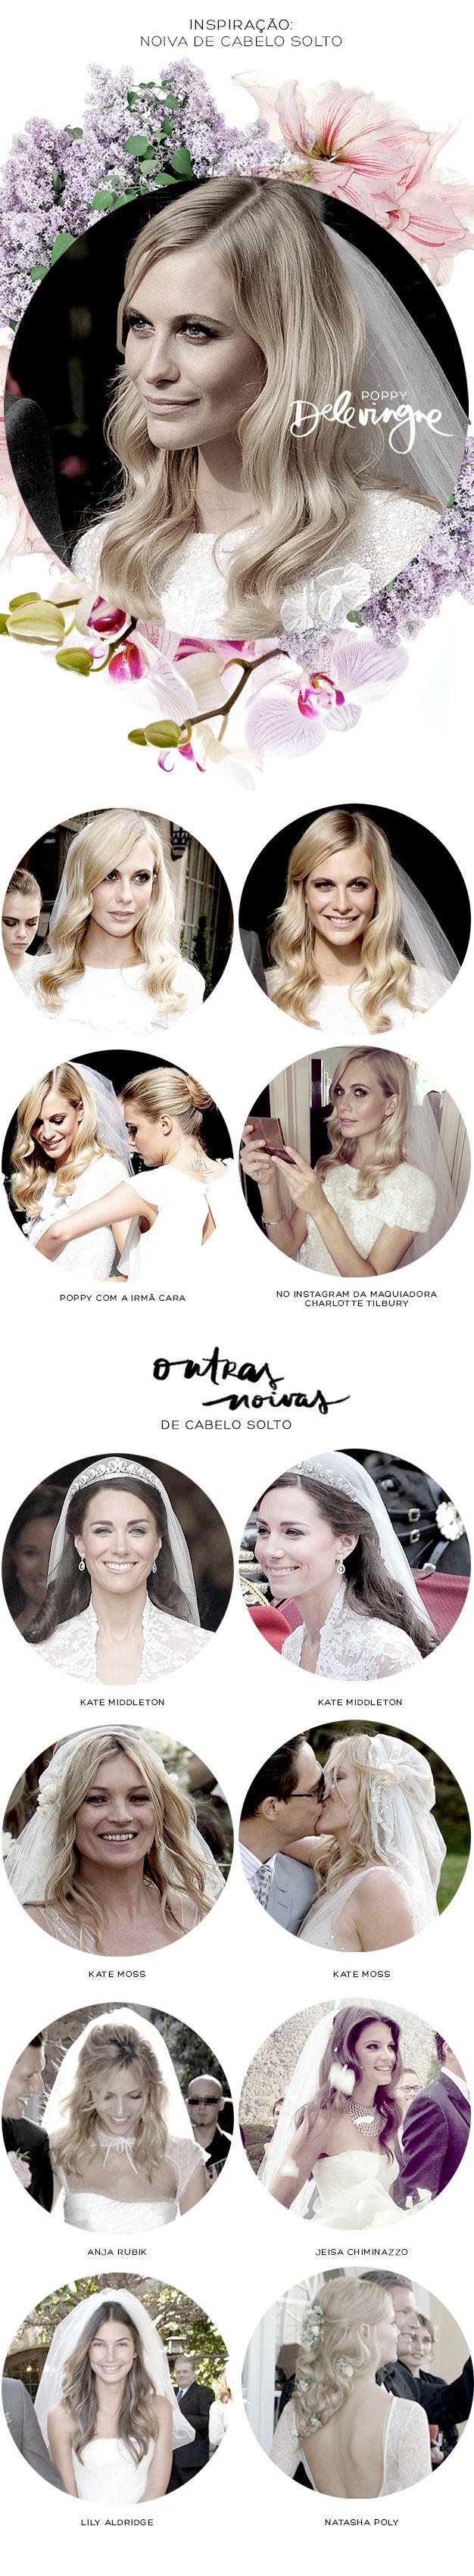 Pras noivas de plantão: dá pra casar de cabelo solto sim! Confira o estilo de algumas noivas famosas como Poppy Delevingne, Kate Moss e Lily Aldridge